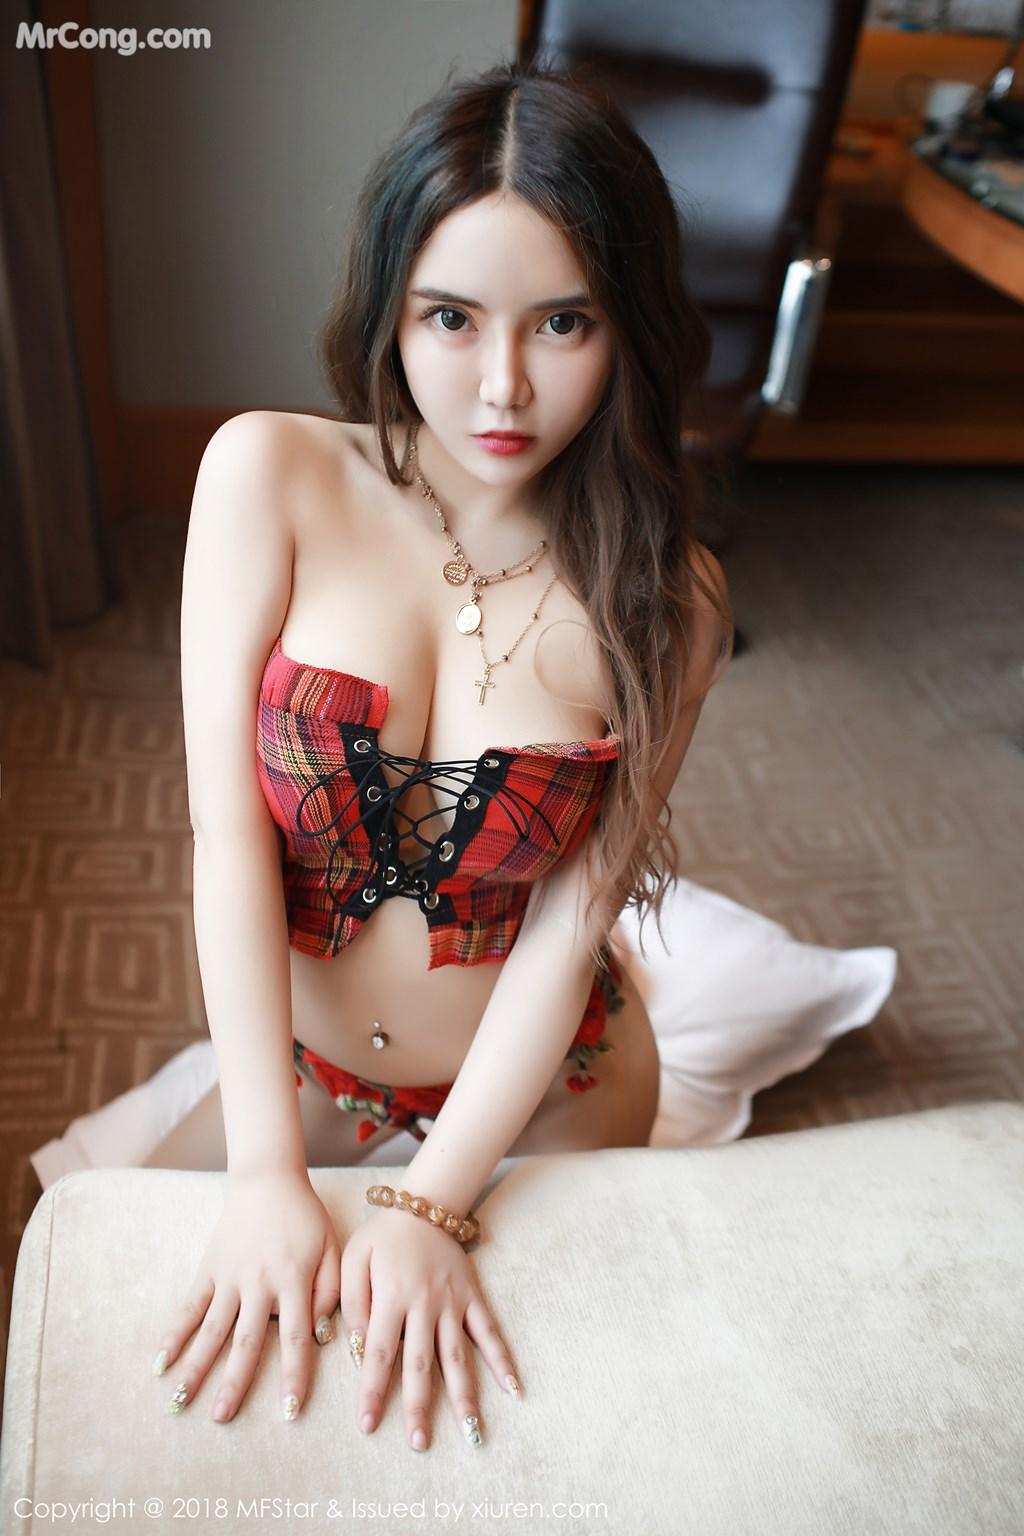 Image MFStar-Vol.157-Wen-Xinyi-MrCong.com-003 in post MFStar Vol.157: Người mẫu Wen Xinyi (温心怡) (32 ảnh)